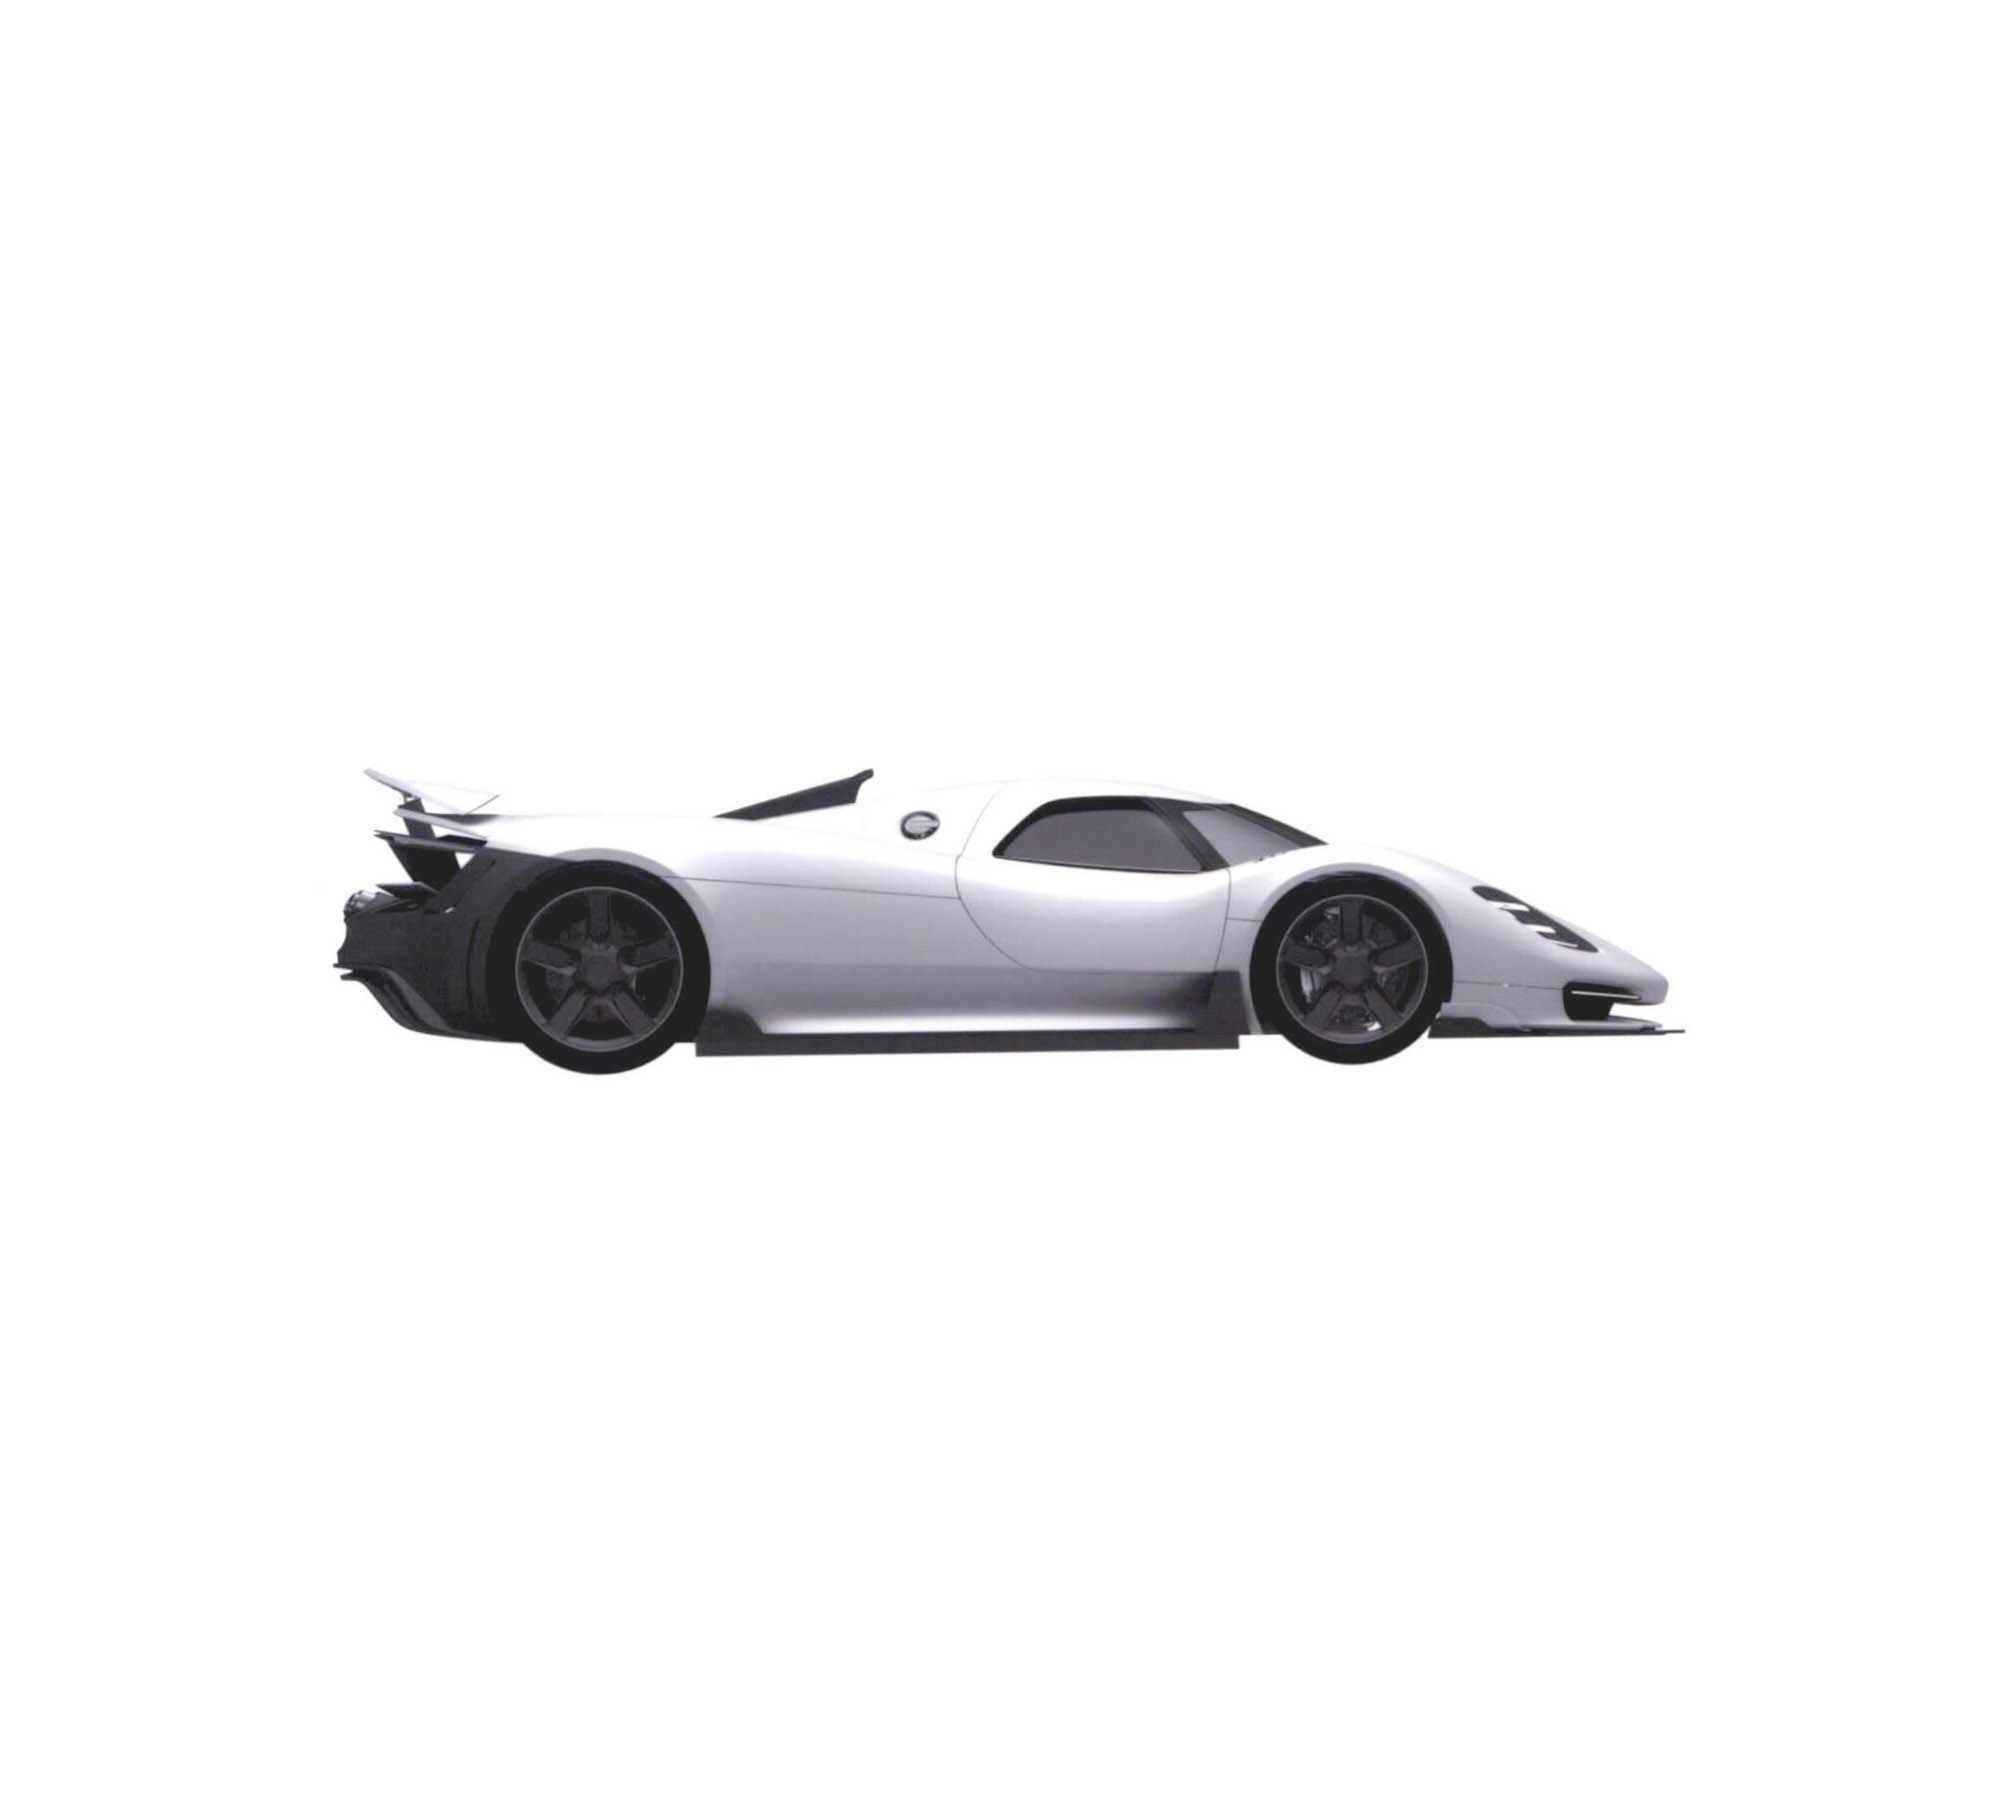 Porsche-918-Spyder-Successor-Patent-Images-13